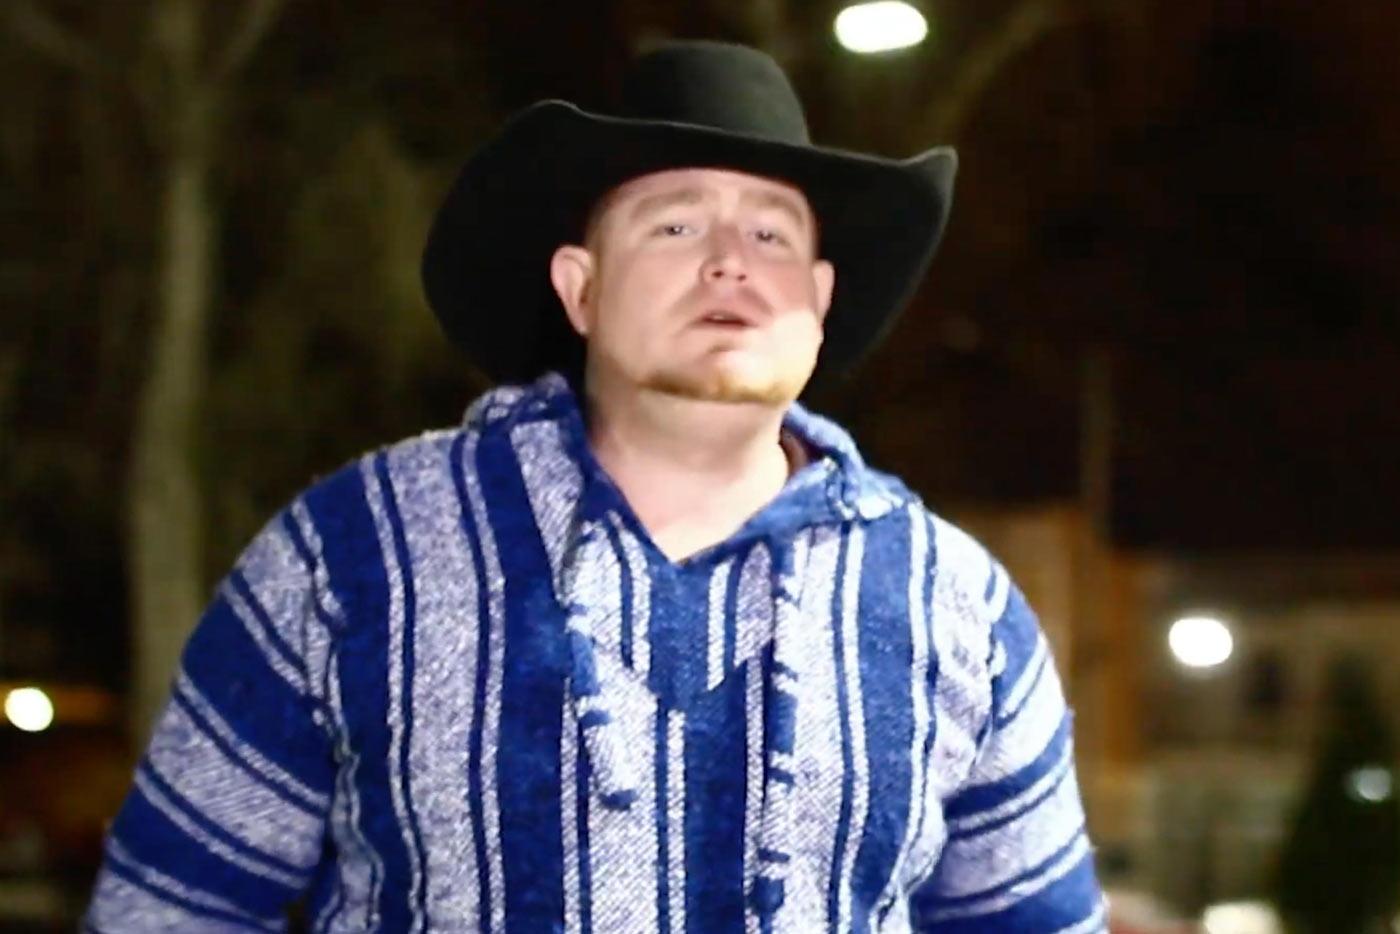 Muere Justin Carter tras un disparo accidental en el rodaje de un videoclip